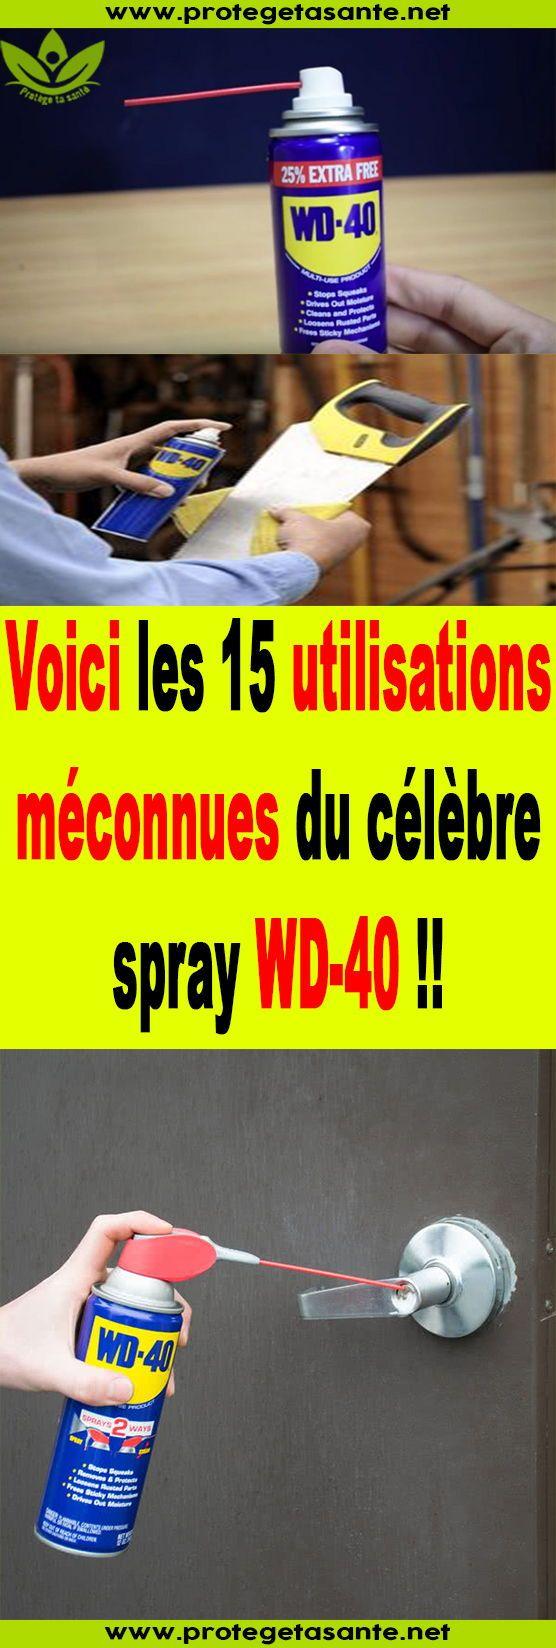 Voici les 15 utilisations méconnues du célèbre spray WD-40! !